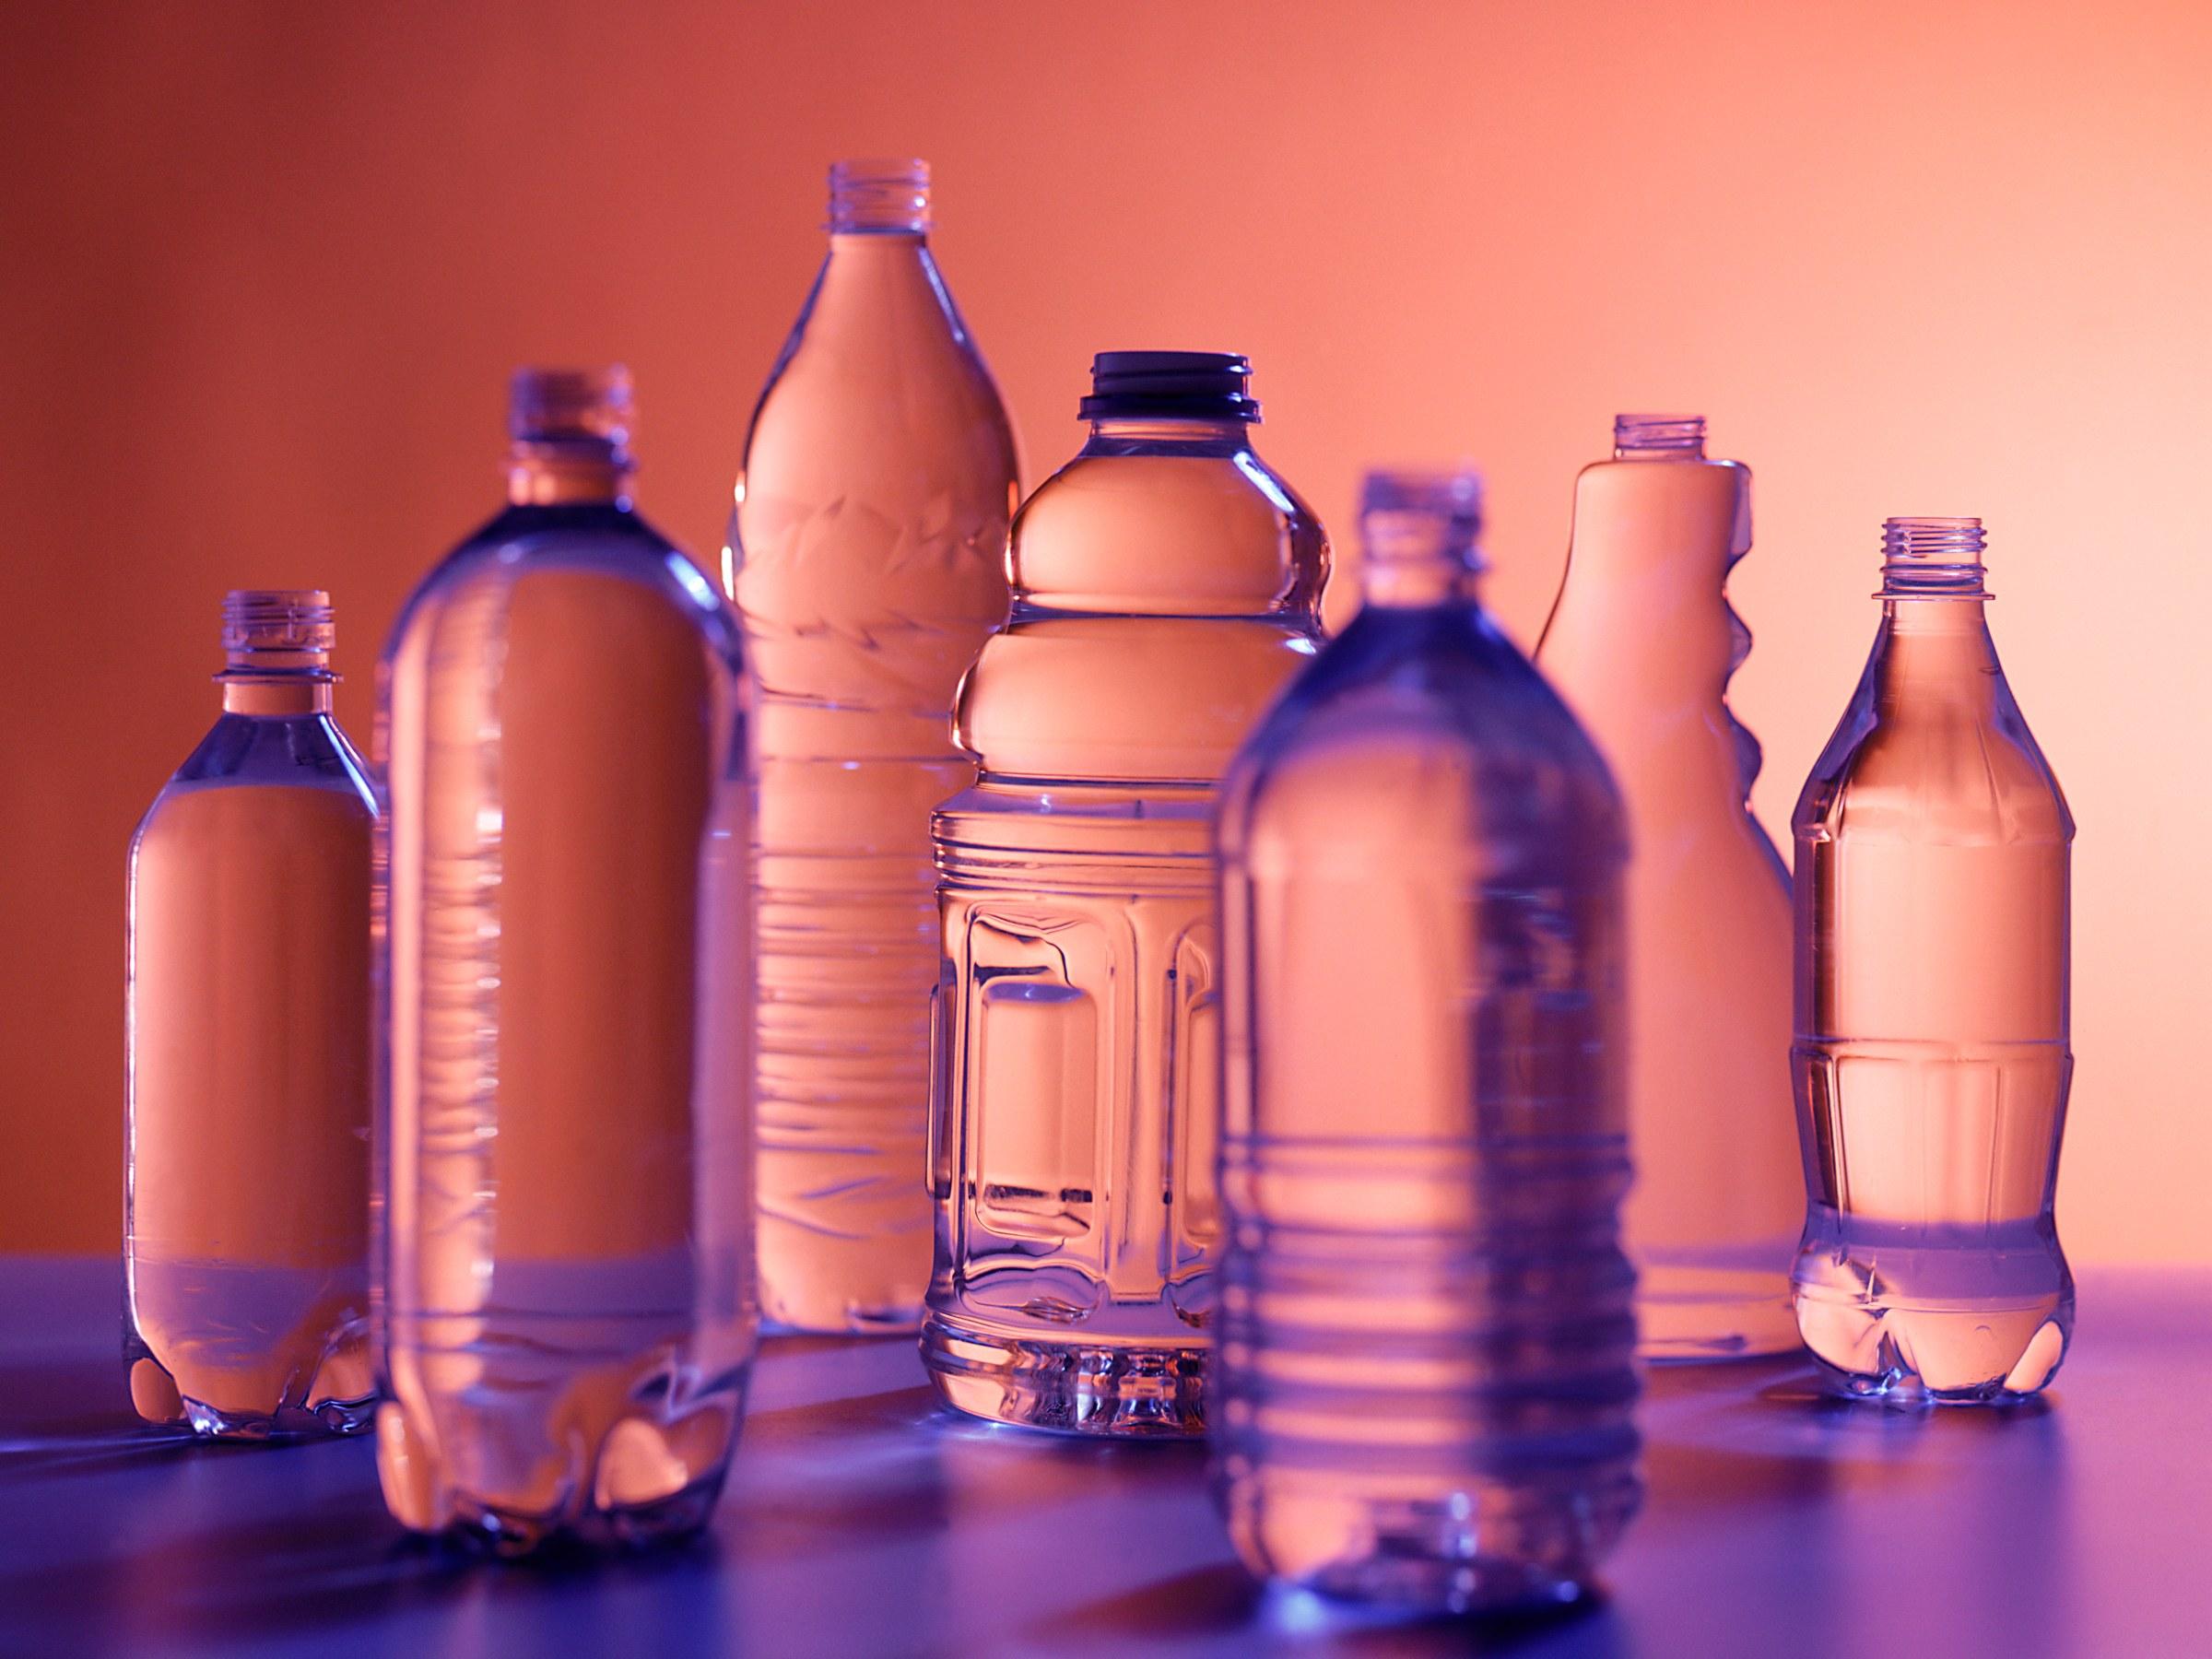 (Magyar) Jóváhagyta a műanyaghulladék mennyiségének visszaszorítását célzó szigorúbb szabályokat szerdán az Európai Parlament 2021-től